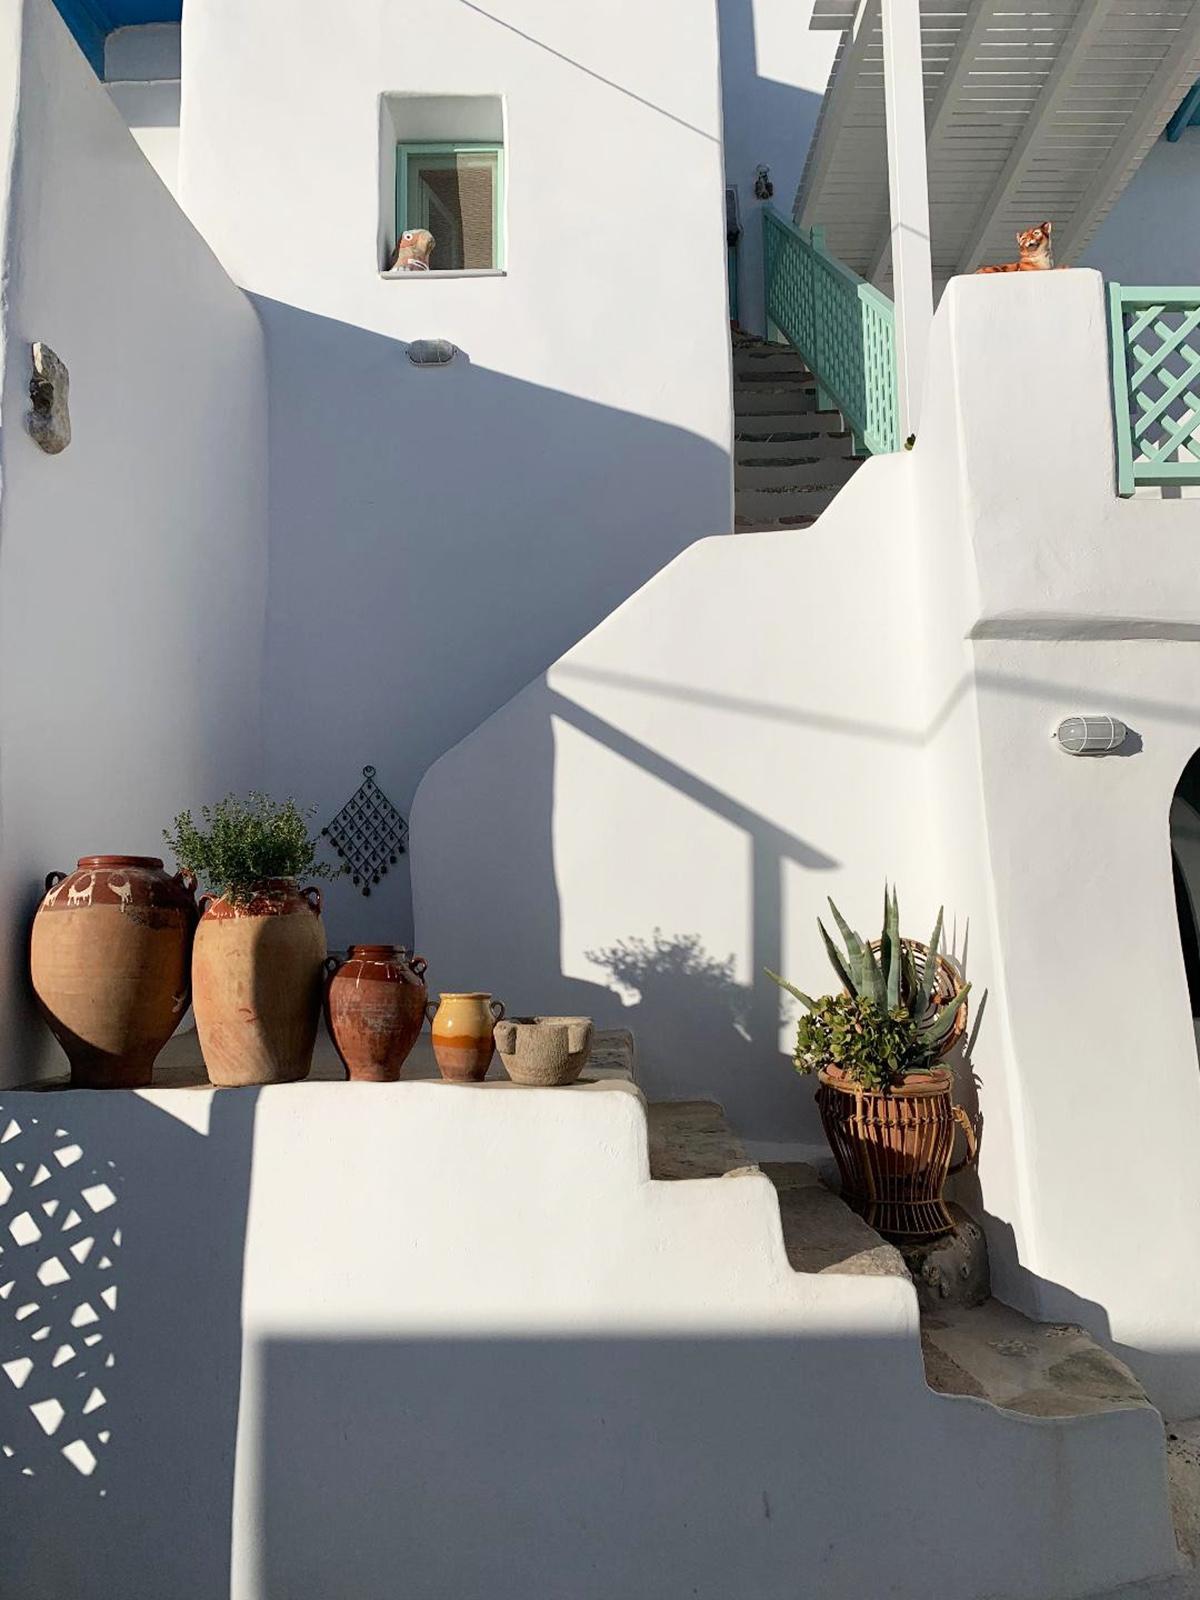 Ianua, una casa per viaggiatori in Grecia - Foto